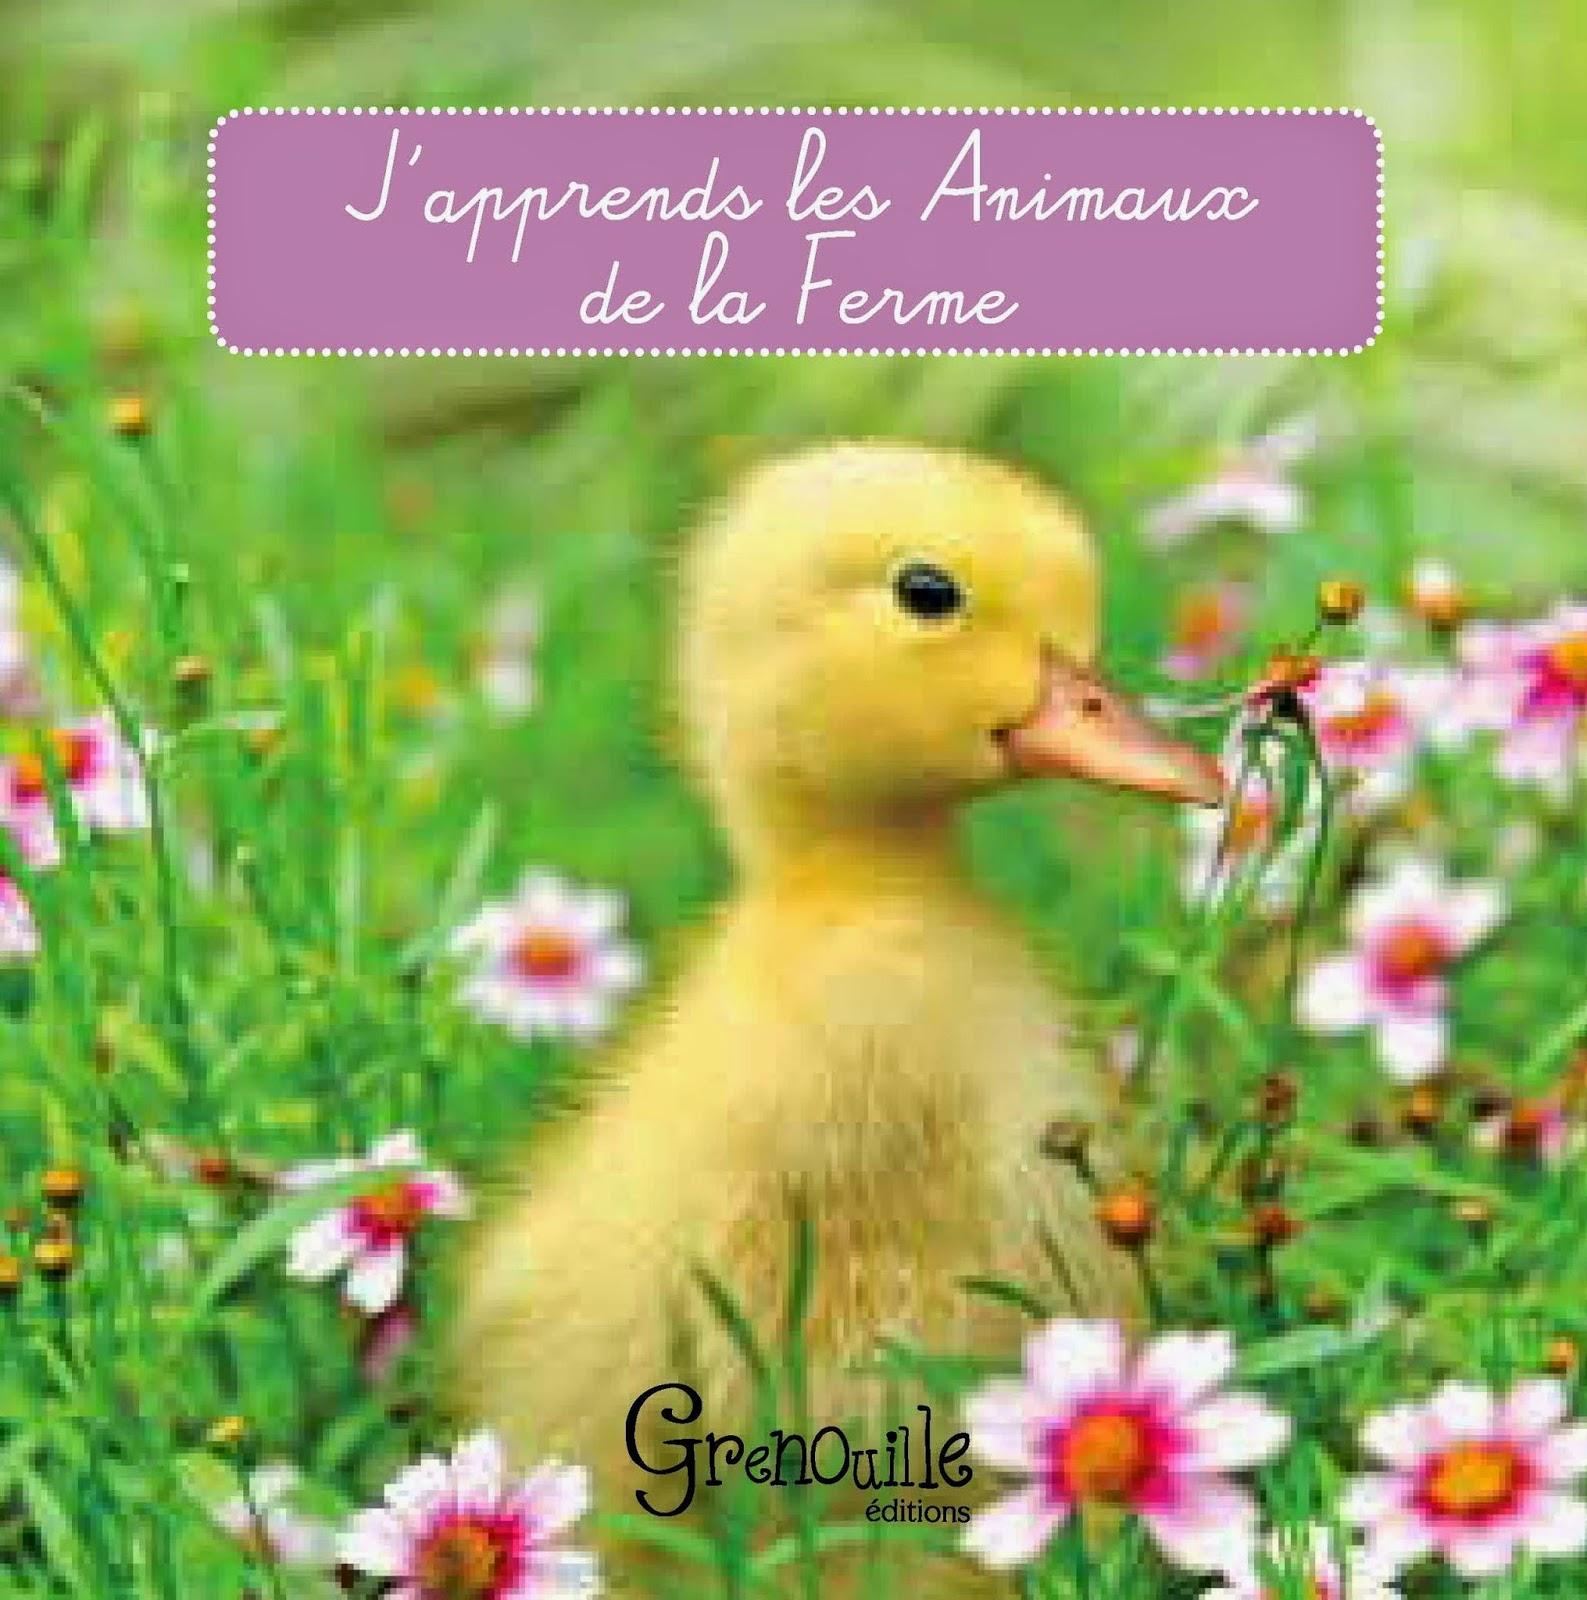 http://livre.fnac.com/a6863241/Collectif-Les-animaux-de-la-ferme#/a6863241/Collectif-Les-animaux-de-la-ferme